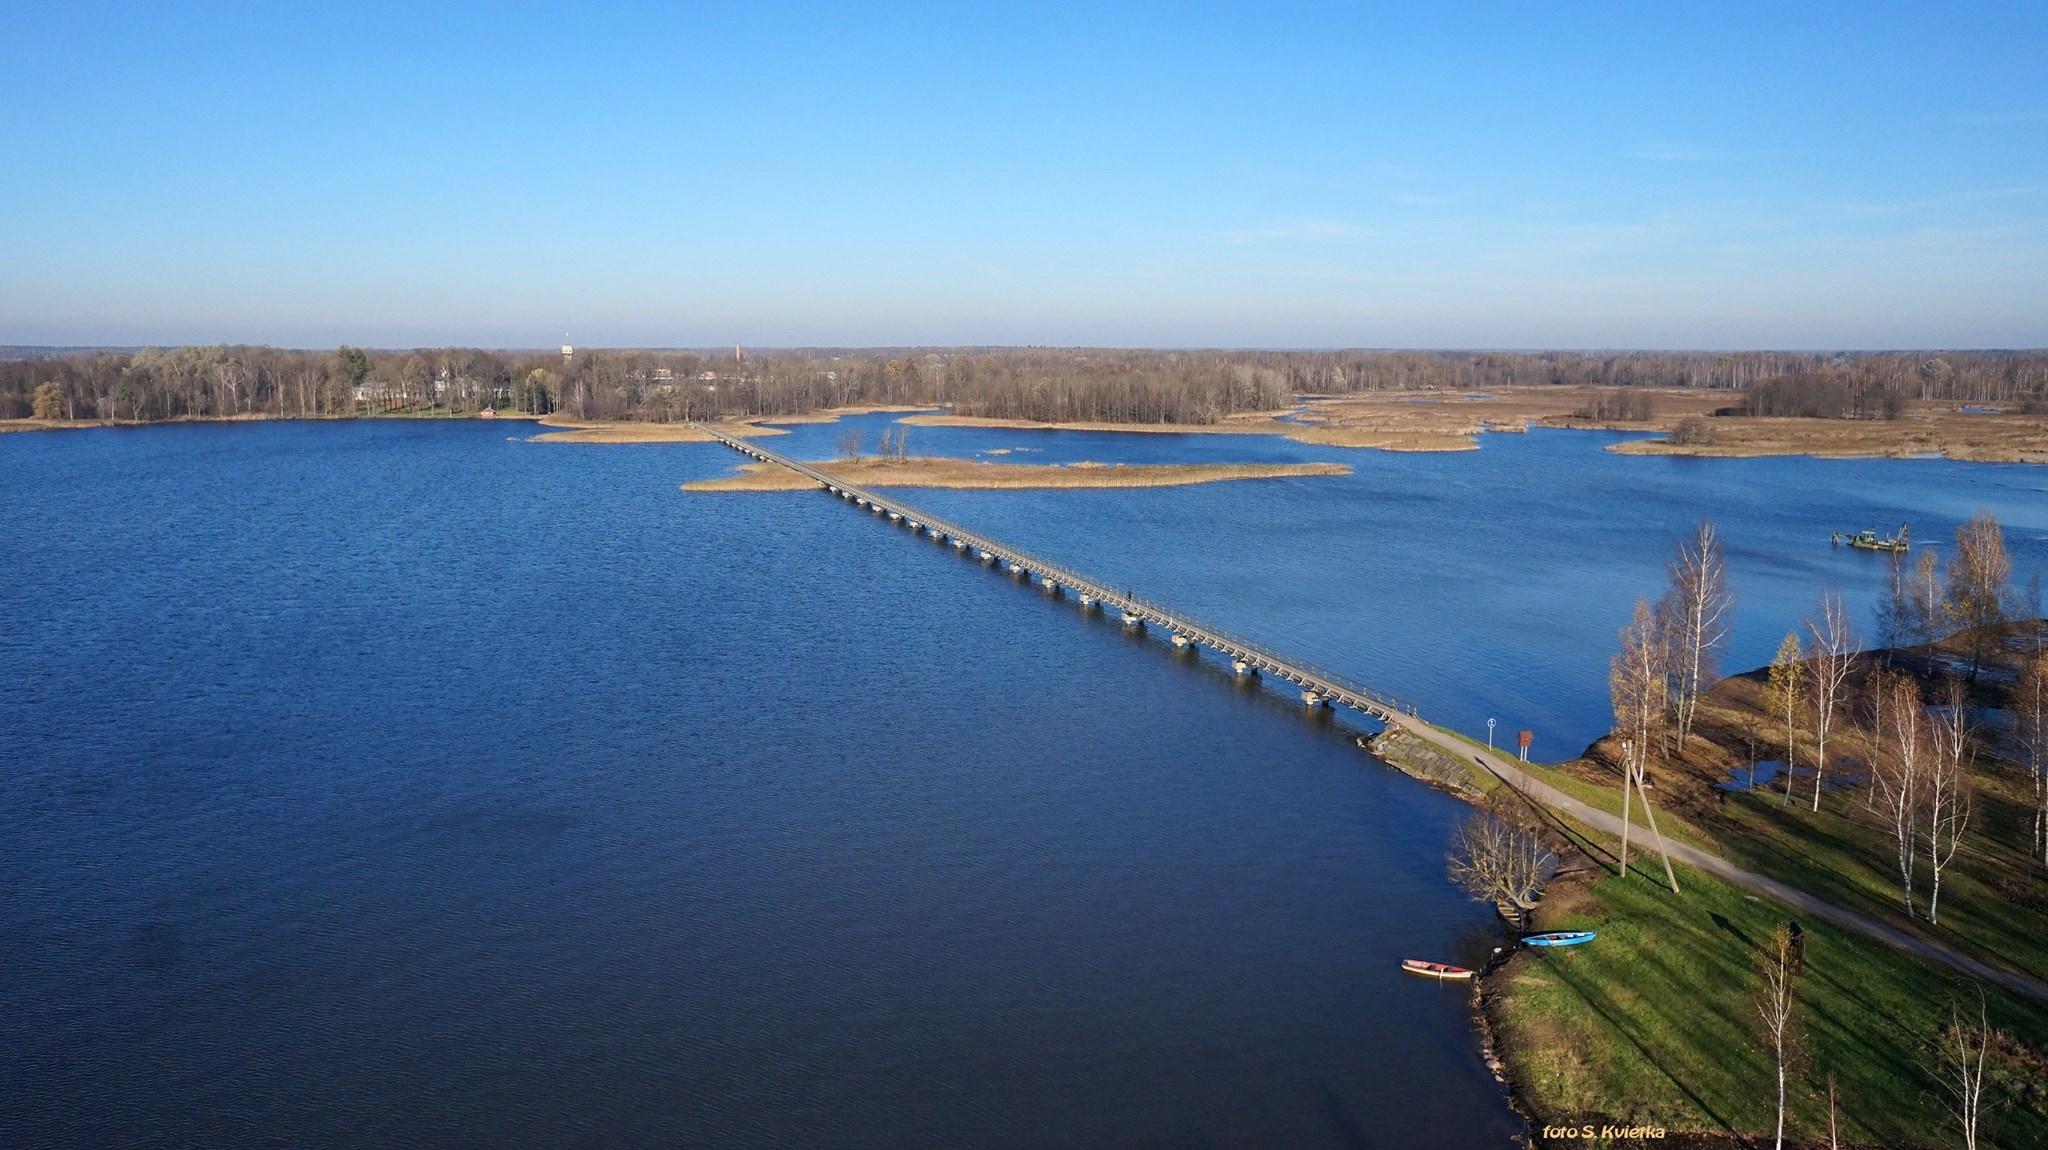 Biržų pėsčiųjų tiltas